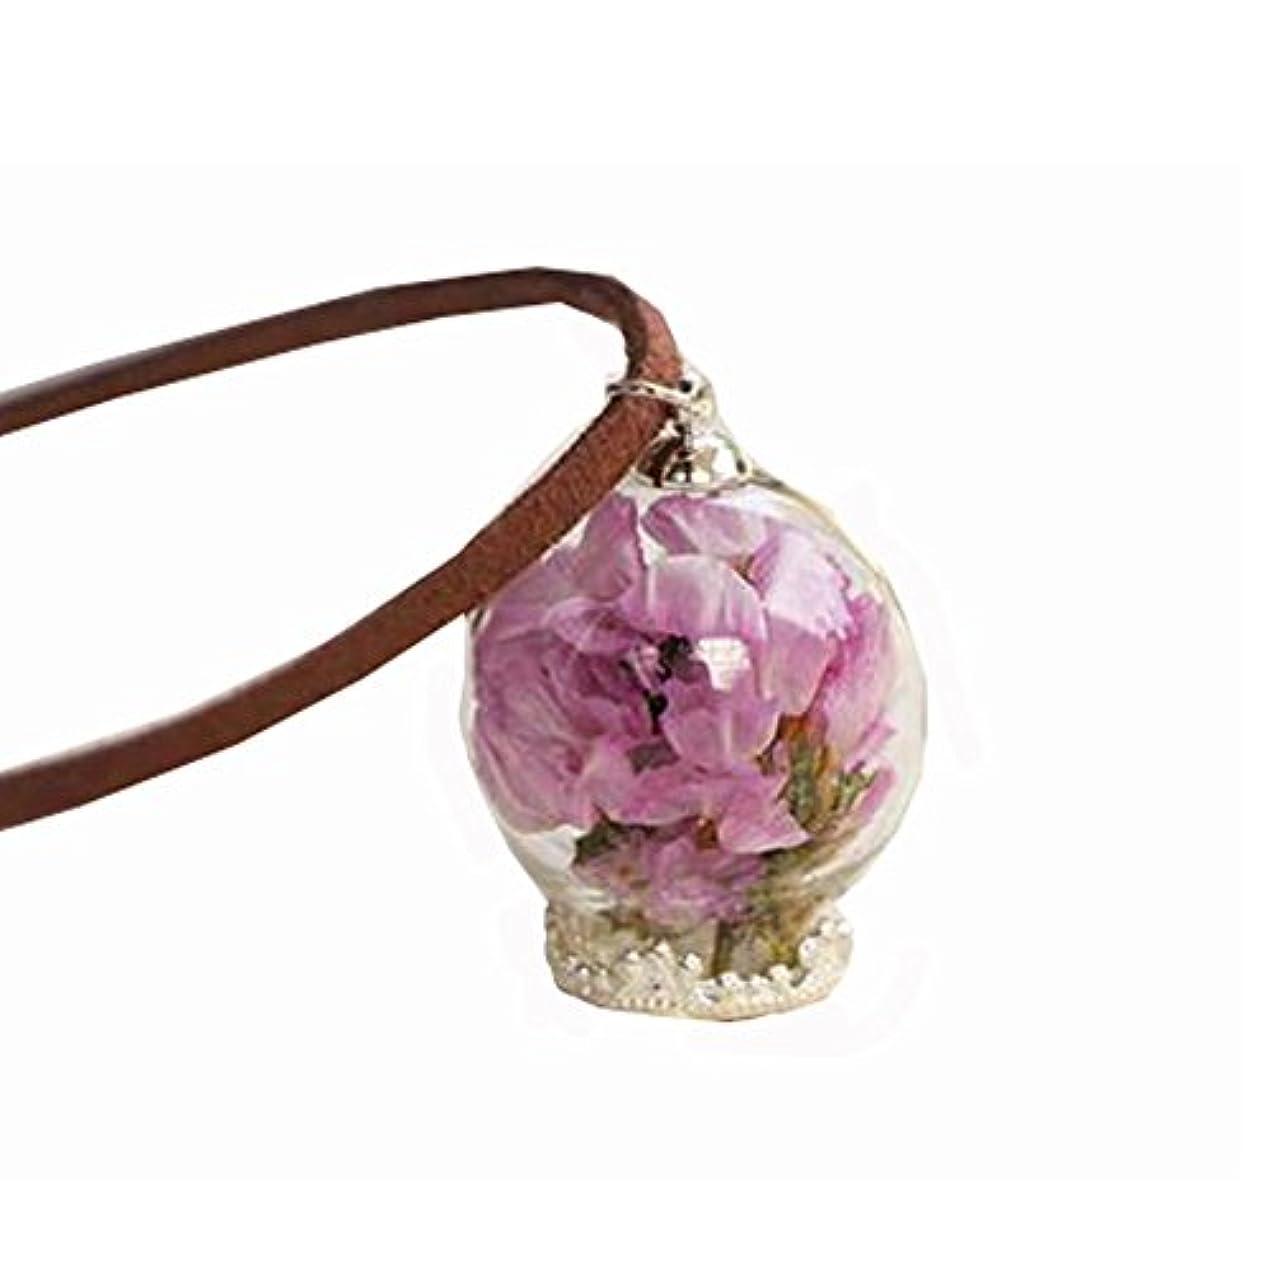 隣接する便益口述する美しい乾燥した花のペンダントネックレスセーターの装飾品のセットナイスギフト